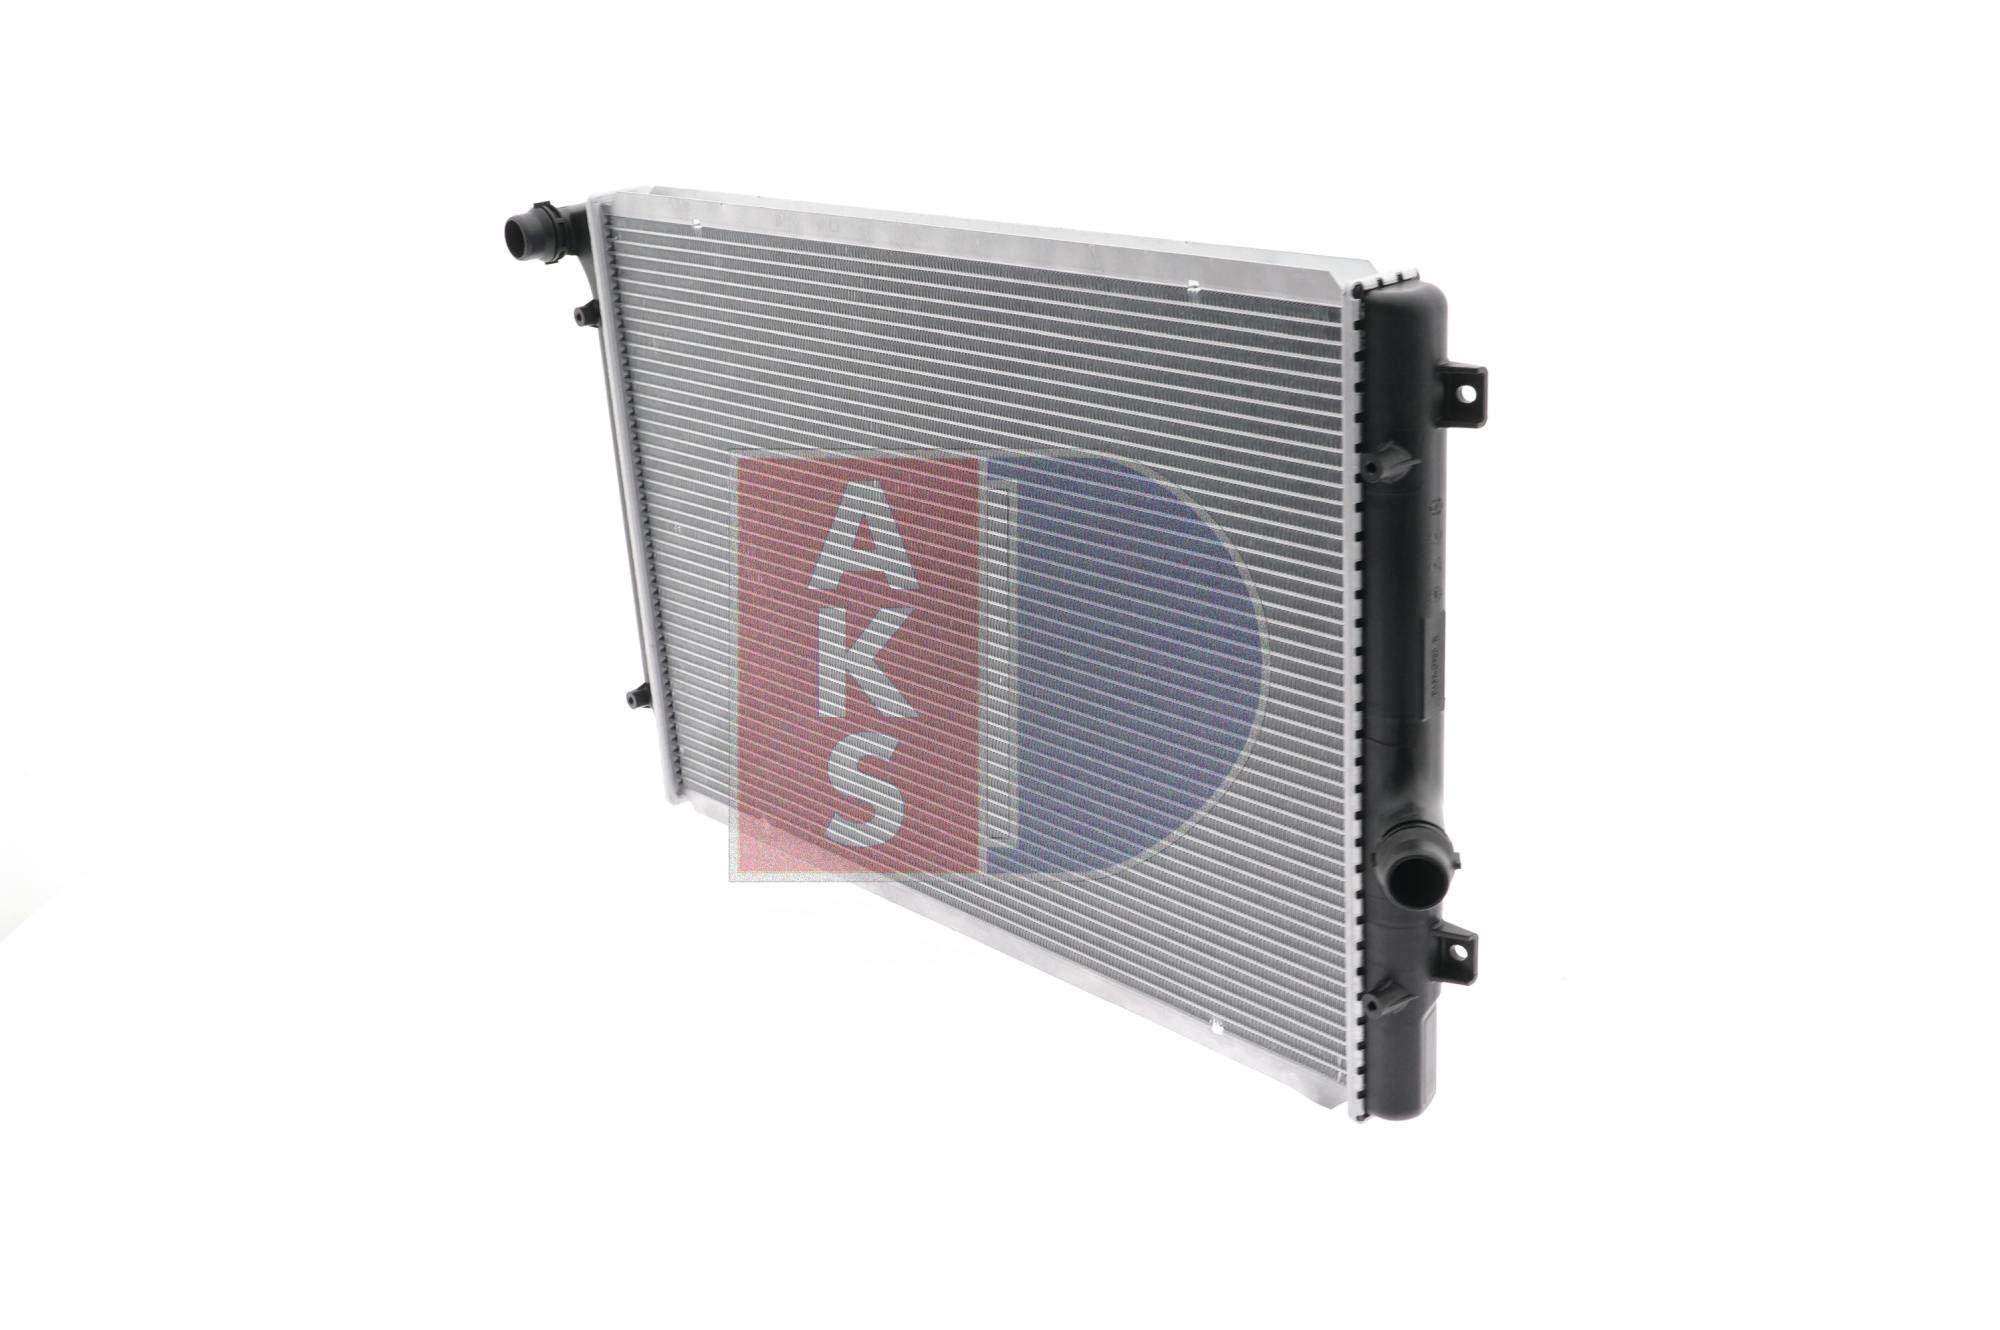 Motorkühler AKS DASIS 040026N 4044455205968